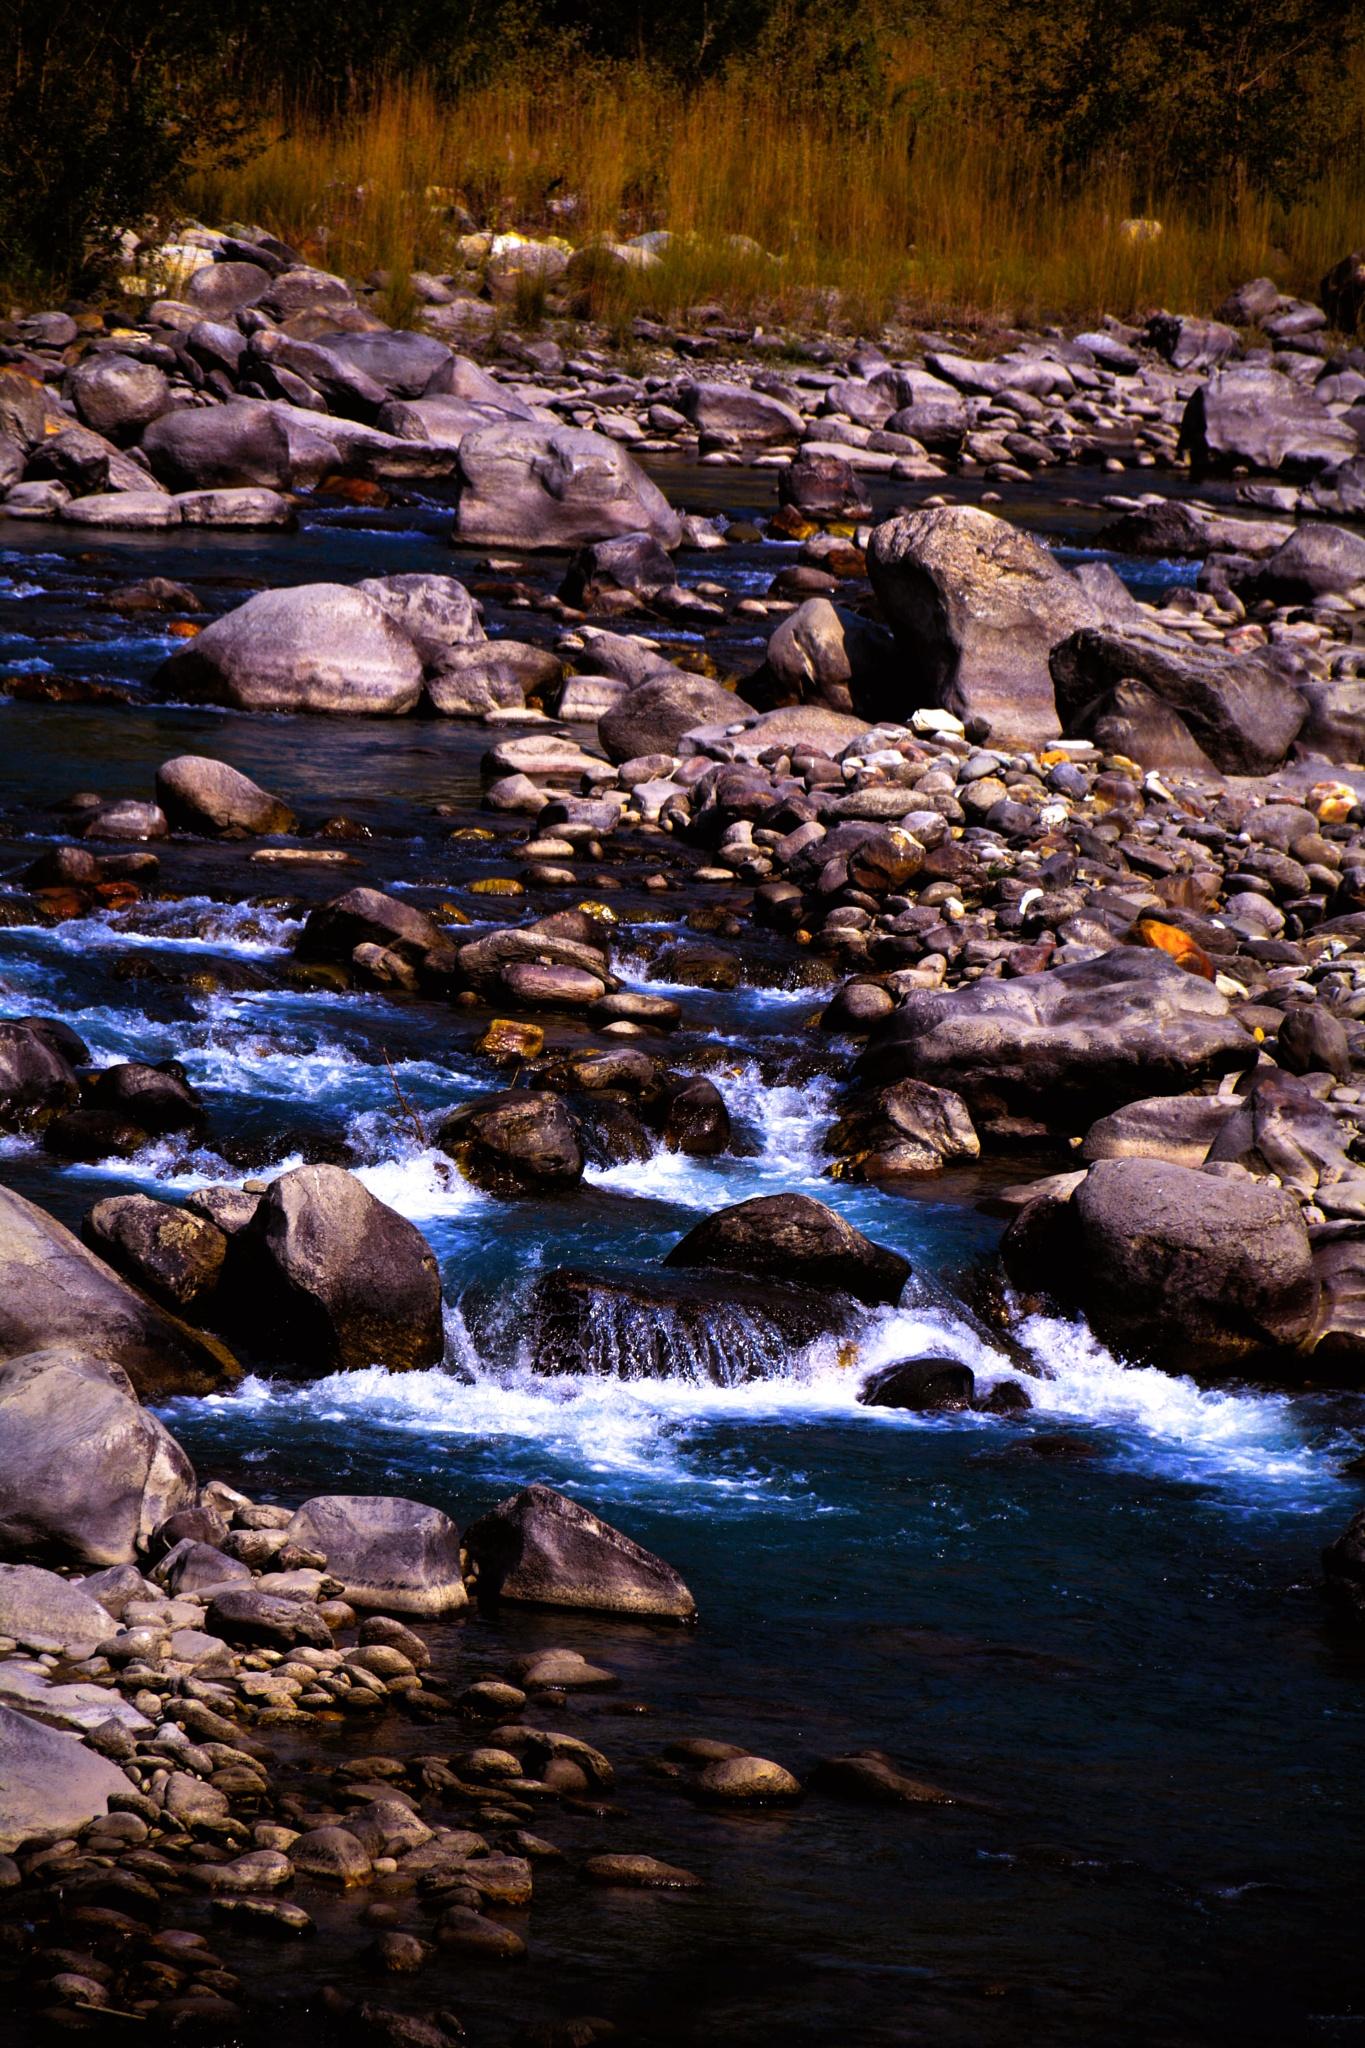 Flowing water by Shirish Bhaukajee